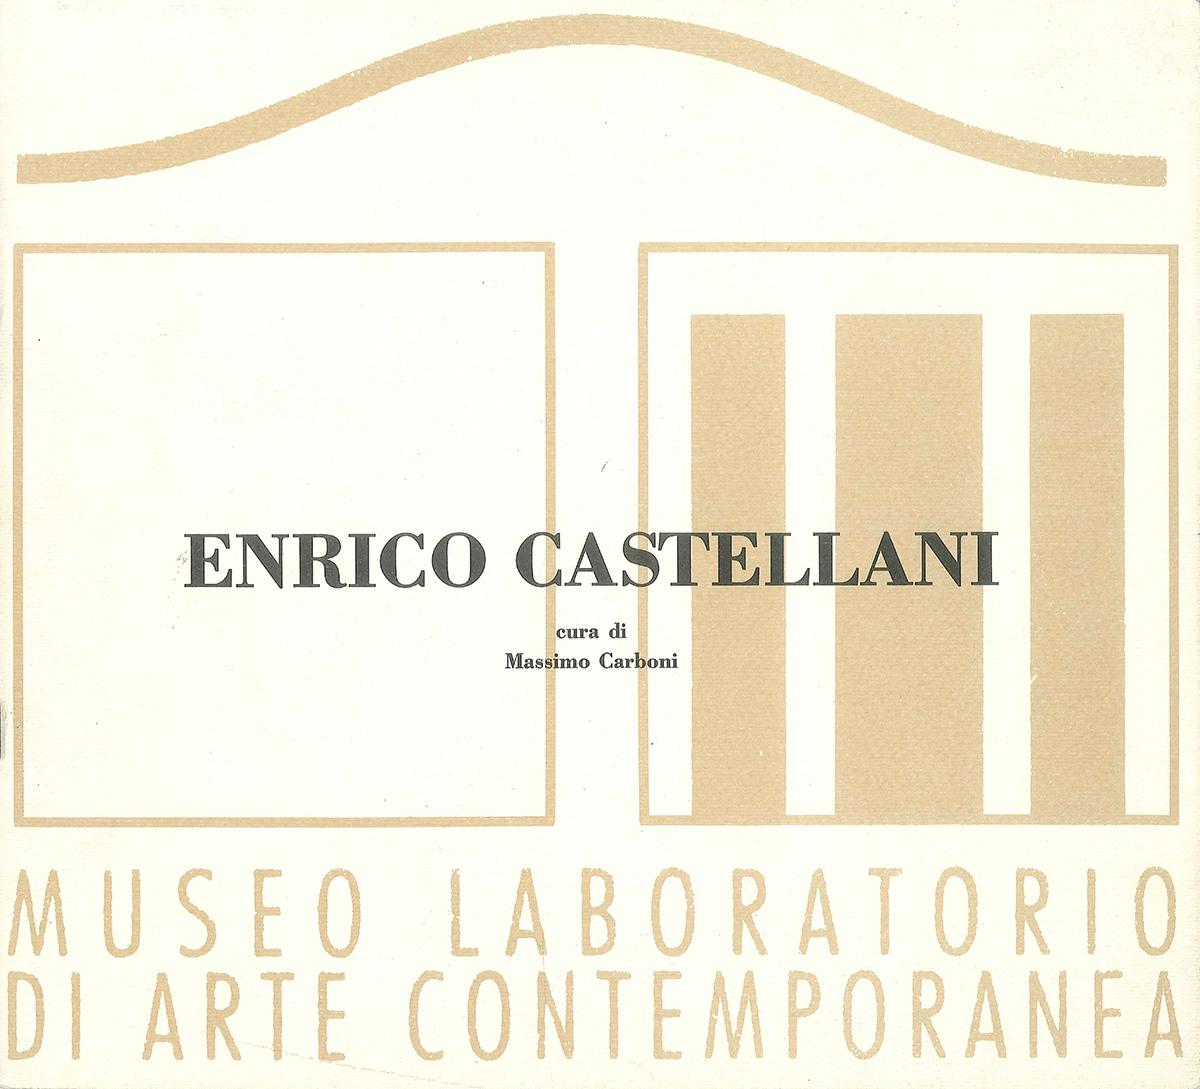 """Cover - Enrico Castellani. Il minimo passaggio, la minima variazione, Massimo Carboni, 1994, Museo Laboratorio di Arte Contemporanea, Università Degli Studi di Roma """"La Sapienza"""", Roma"""